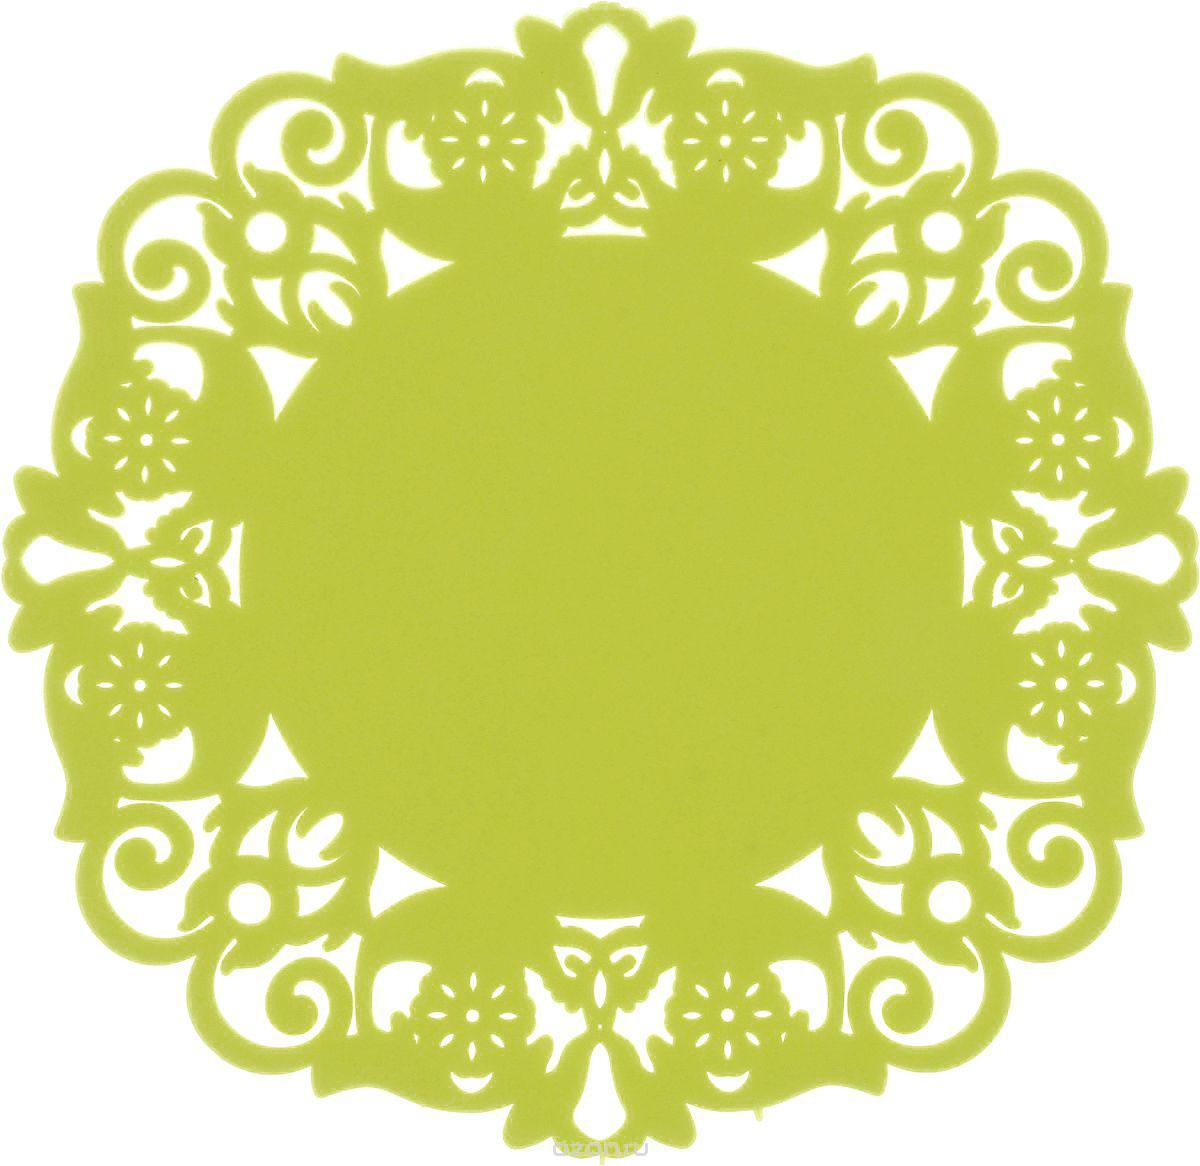 Набор подставок под горячее Доляна Чаепитие, цвет: зеленый, диаметр 10 см, 4 шт812066_зеленыйСиликоновая подставка под горячее Доляна Чаепитие - практичный предмет,который обязательно пригодится в хозяйстве. Изделие поможет сберечьстолы, тумбы, скатерти и клеенки от повреждения нагретыми сковородами,кастрюлями, чайниками и тарелками. Диаметр подставки: 10 см.